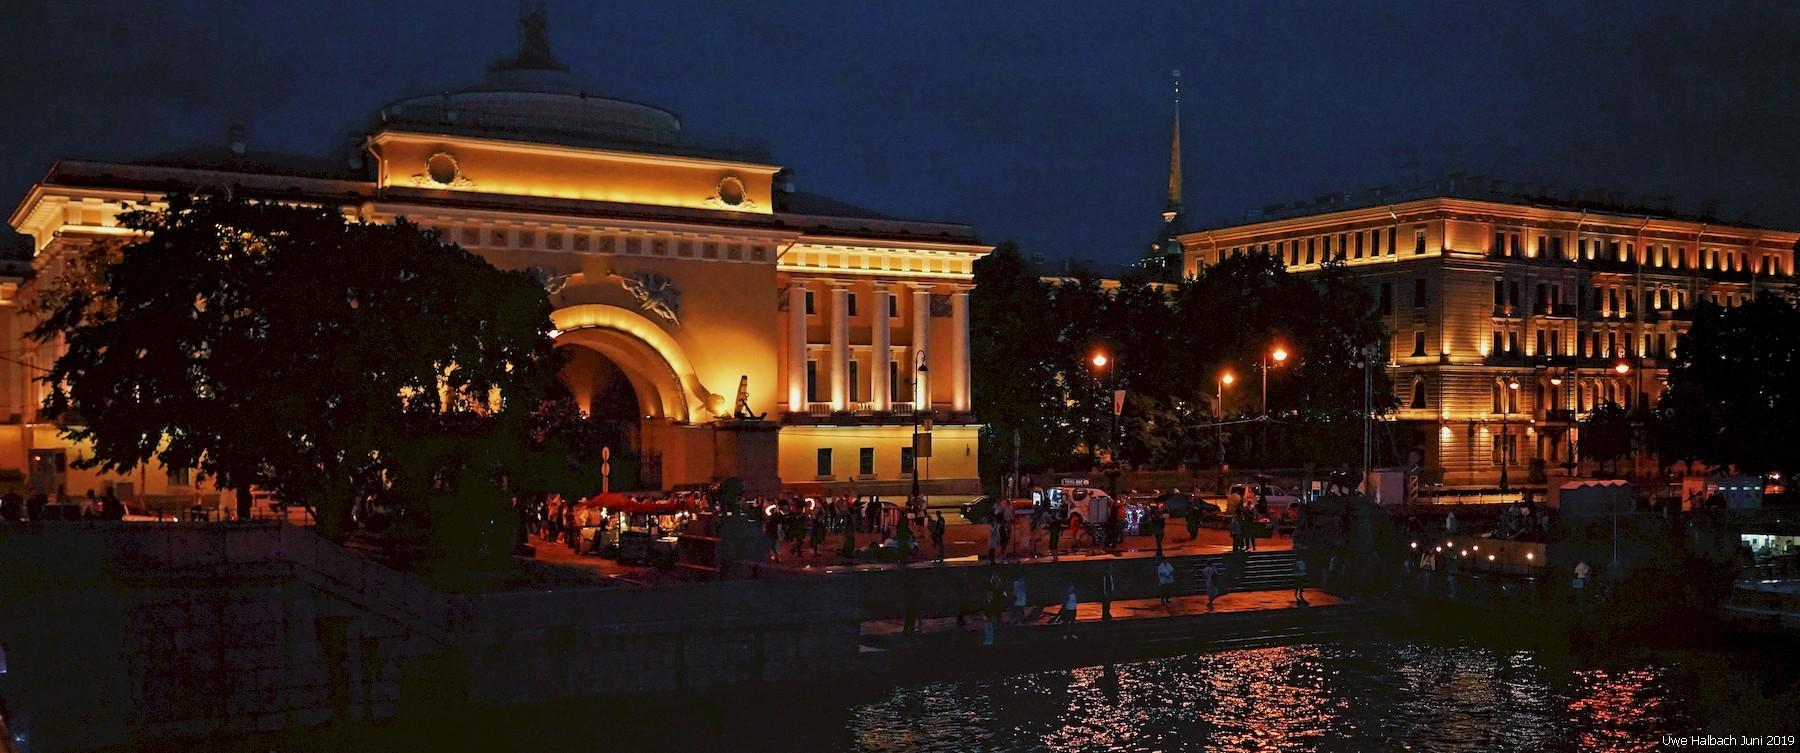 19-Petersburg-abends-1800